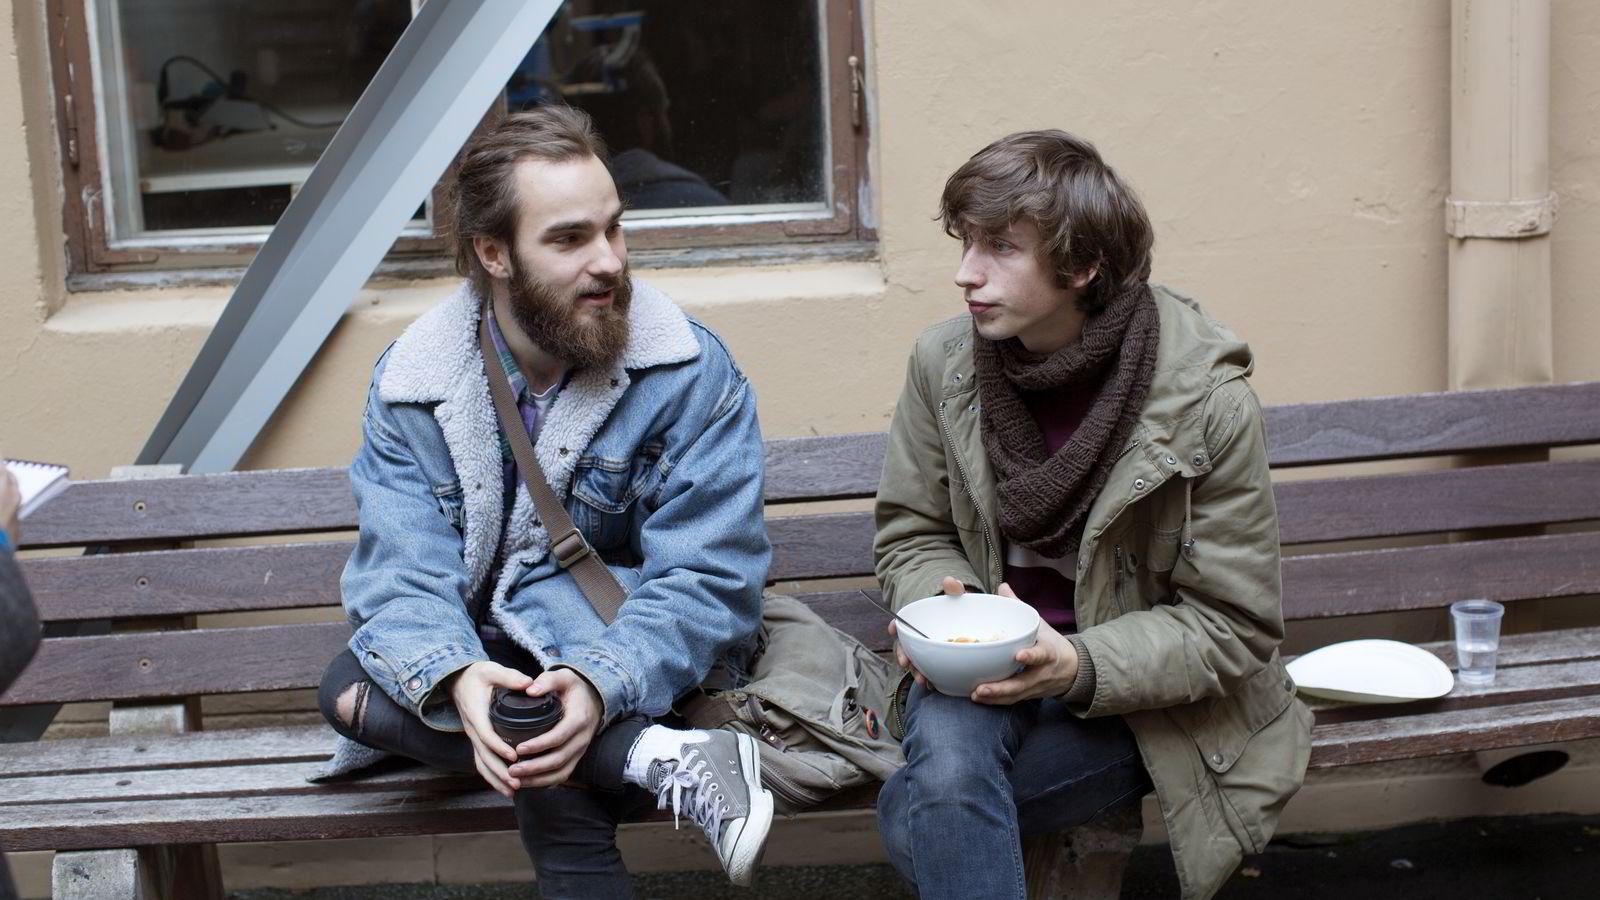 Populærmusikkstudentene Even Tekrø (23) og Hans Olav Settem (21) ved  Westerdals Oslo ACT ønsker svar på flere spørsmål rundt fusjonen og DNs oppslag lørdag. Foto: